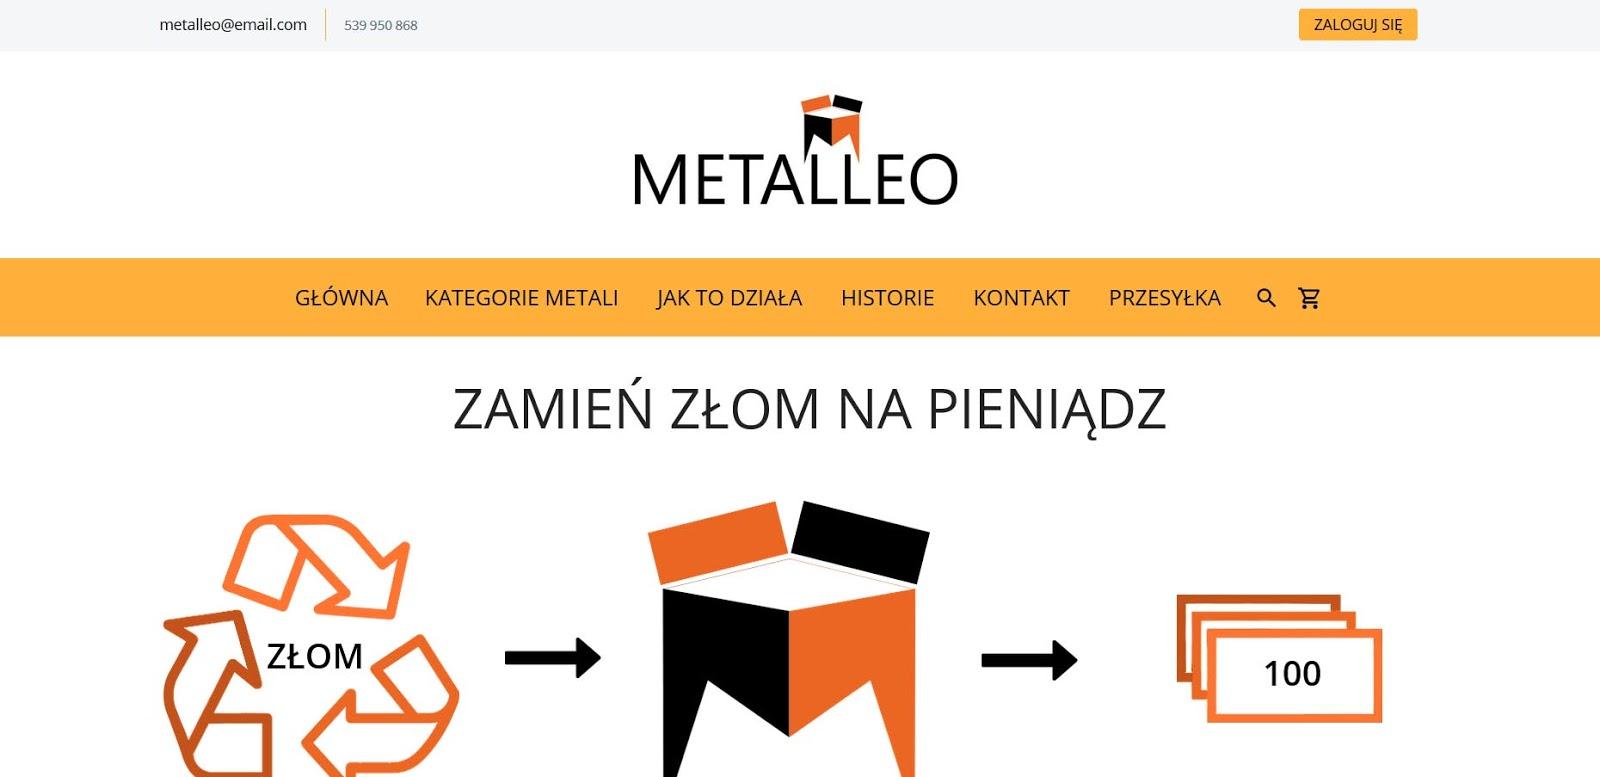 06c3047b5 Na kupimyto.pl można sprzedać elektronikę, czyli nie tylko telefony, ale  też aparaty cyfrowe, tablety i inne sprzęty elektro.